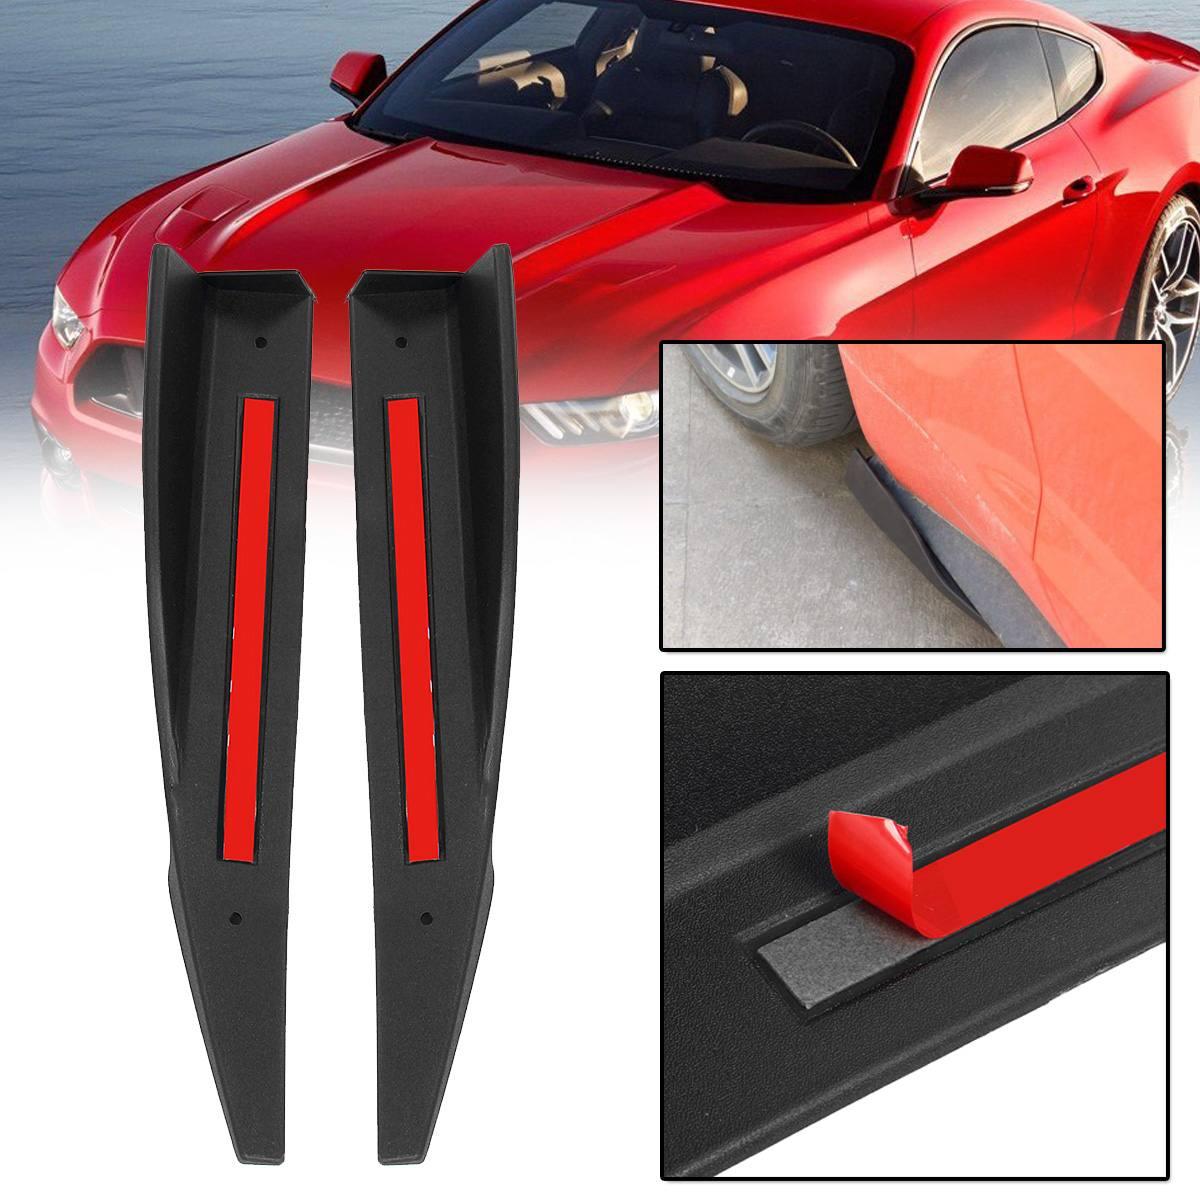 2 pçs 36cm universal corpo do carro saias laterais extensão rocker splitters difusor winglet pára-choques para ford mustang 2015 2016 2017